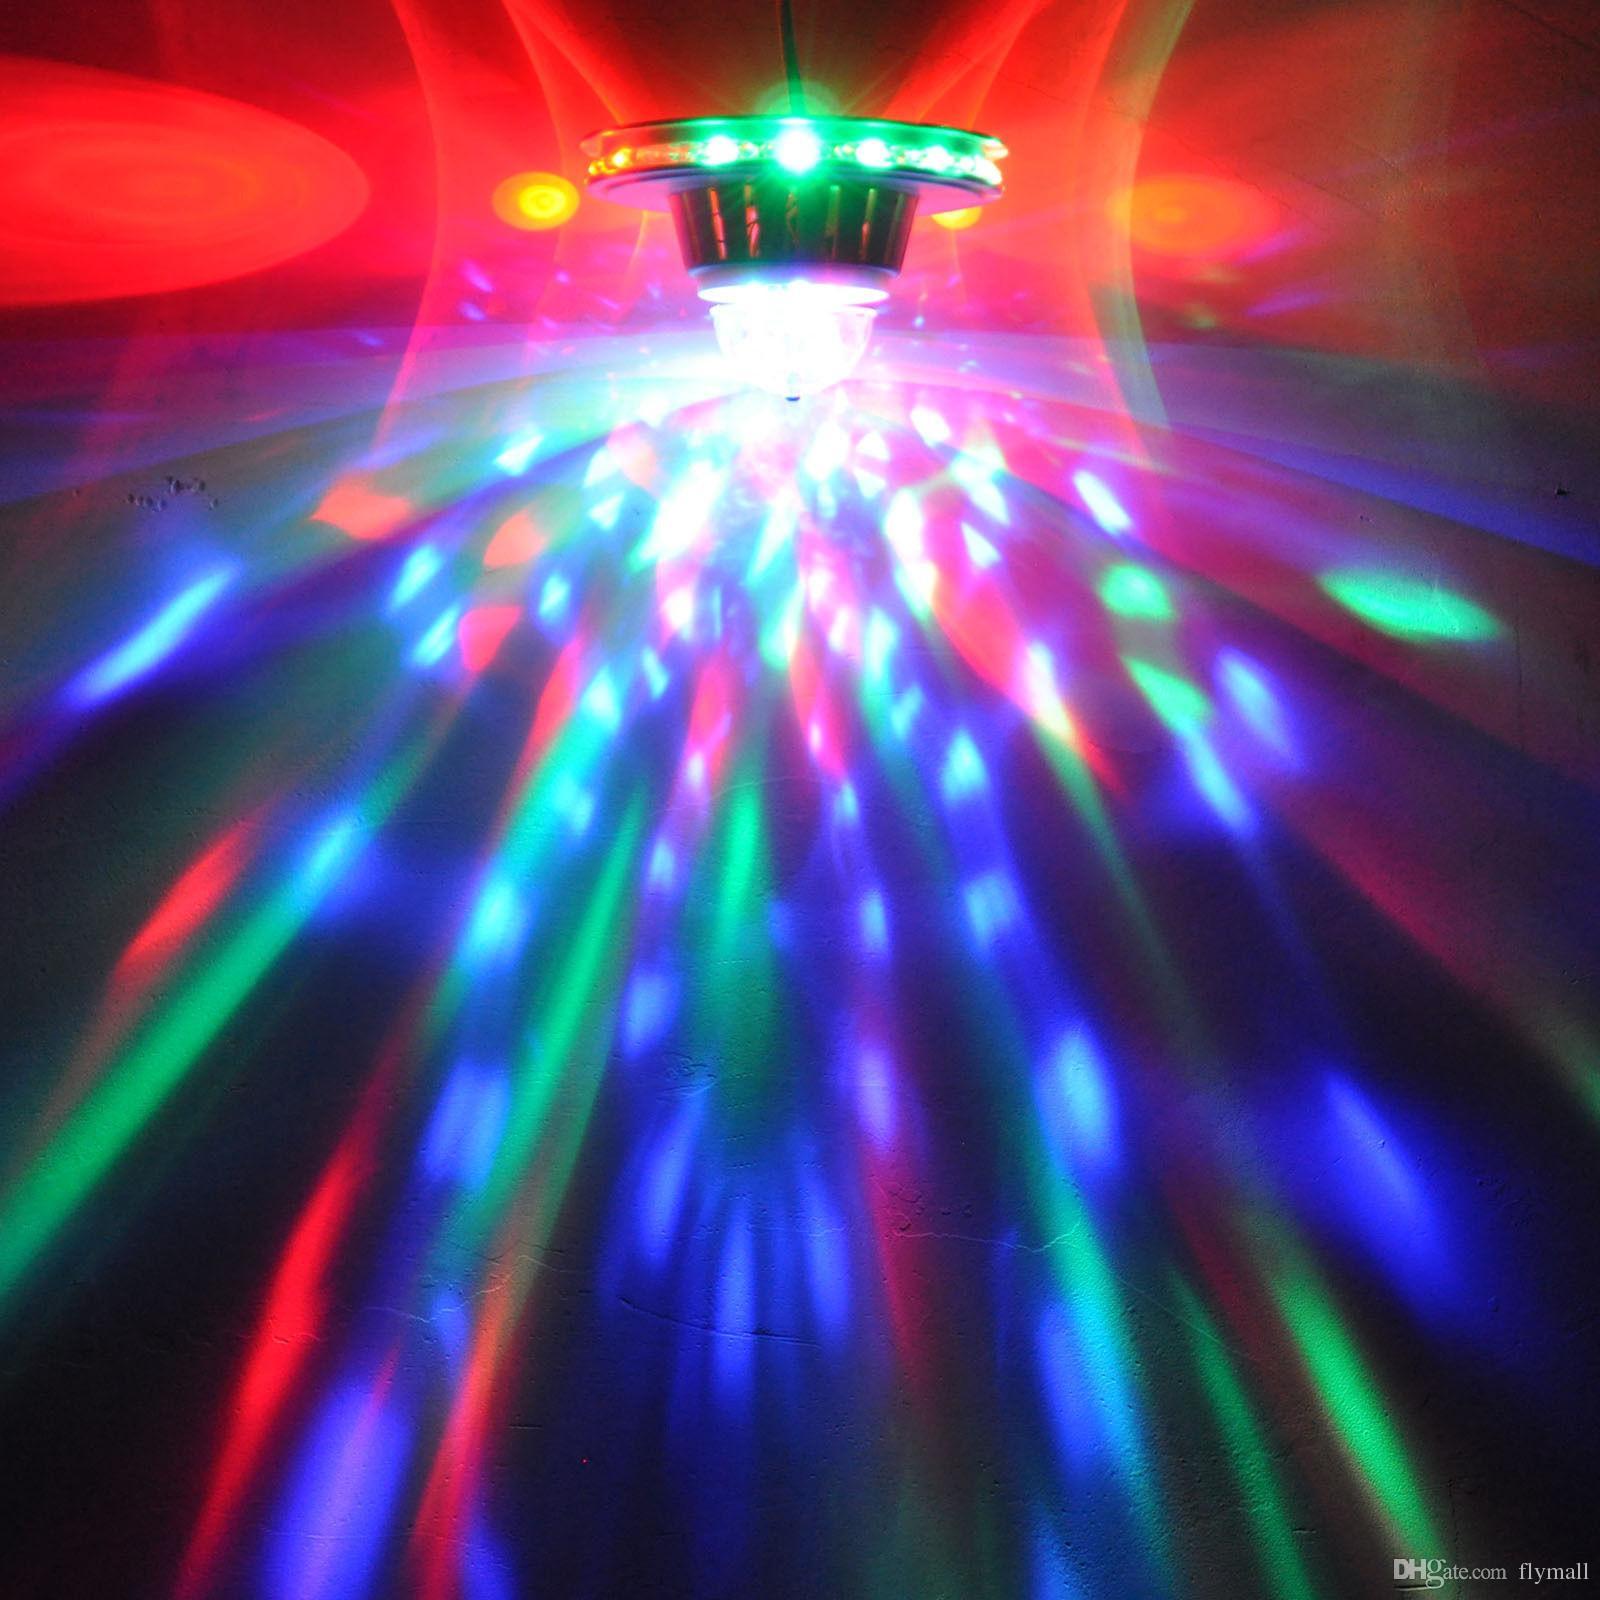 50 قطع 48 المصابيح 8 واط الدورية rgb led لمبة الكرة اللون تغيير كريستال ماجيك عباد الشمس ضوء rgb المرحلة ضوء led الآثار لعيد الميلاد حزب ديسكو